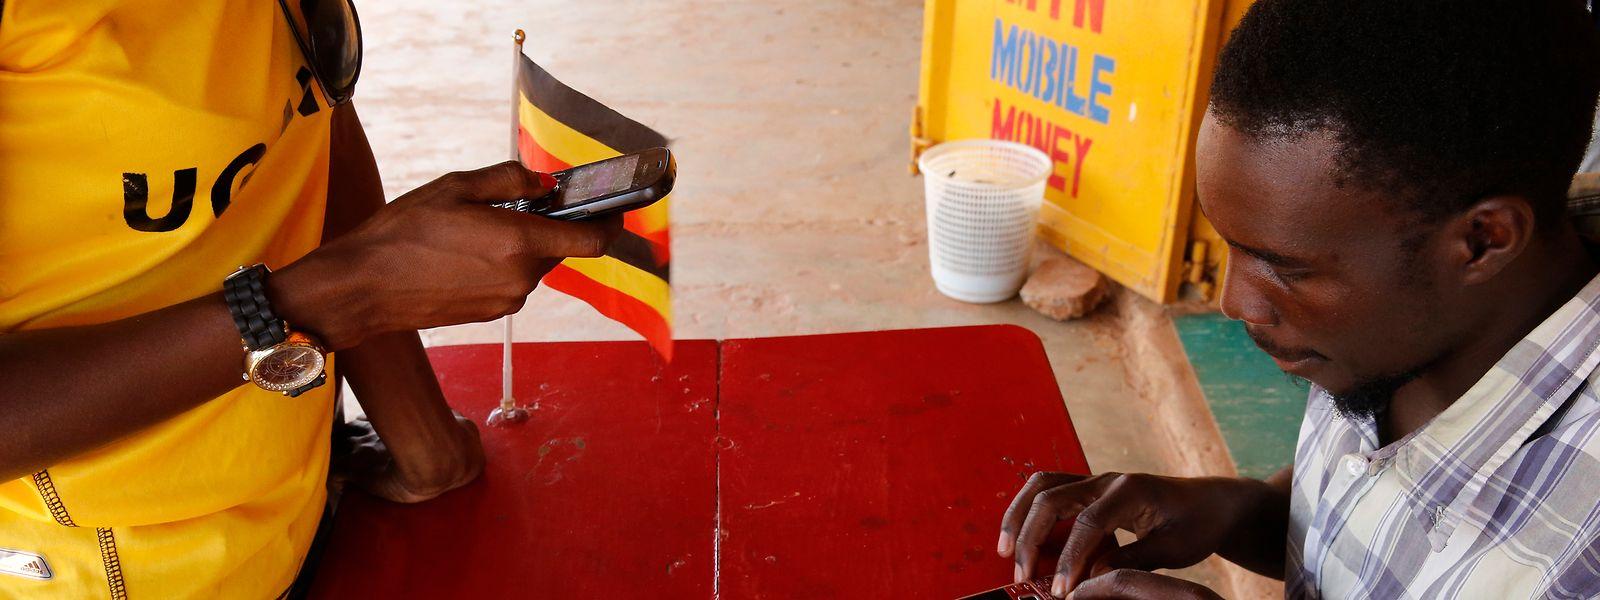 In Bezug auf mobiles Bezahlen ist Afrika dem Westen um Jahre voraus.